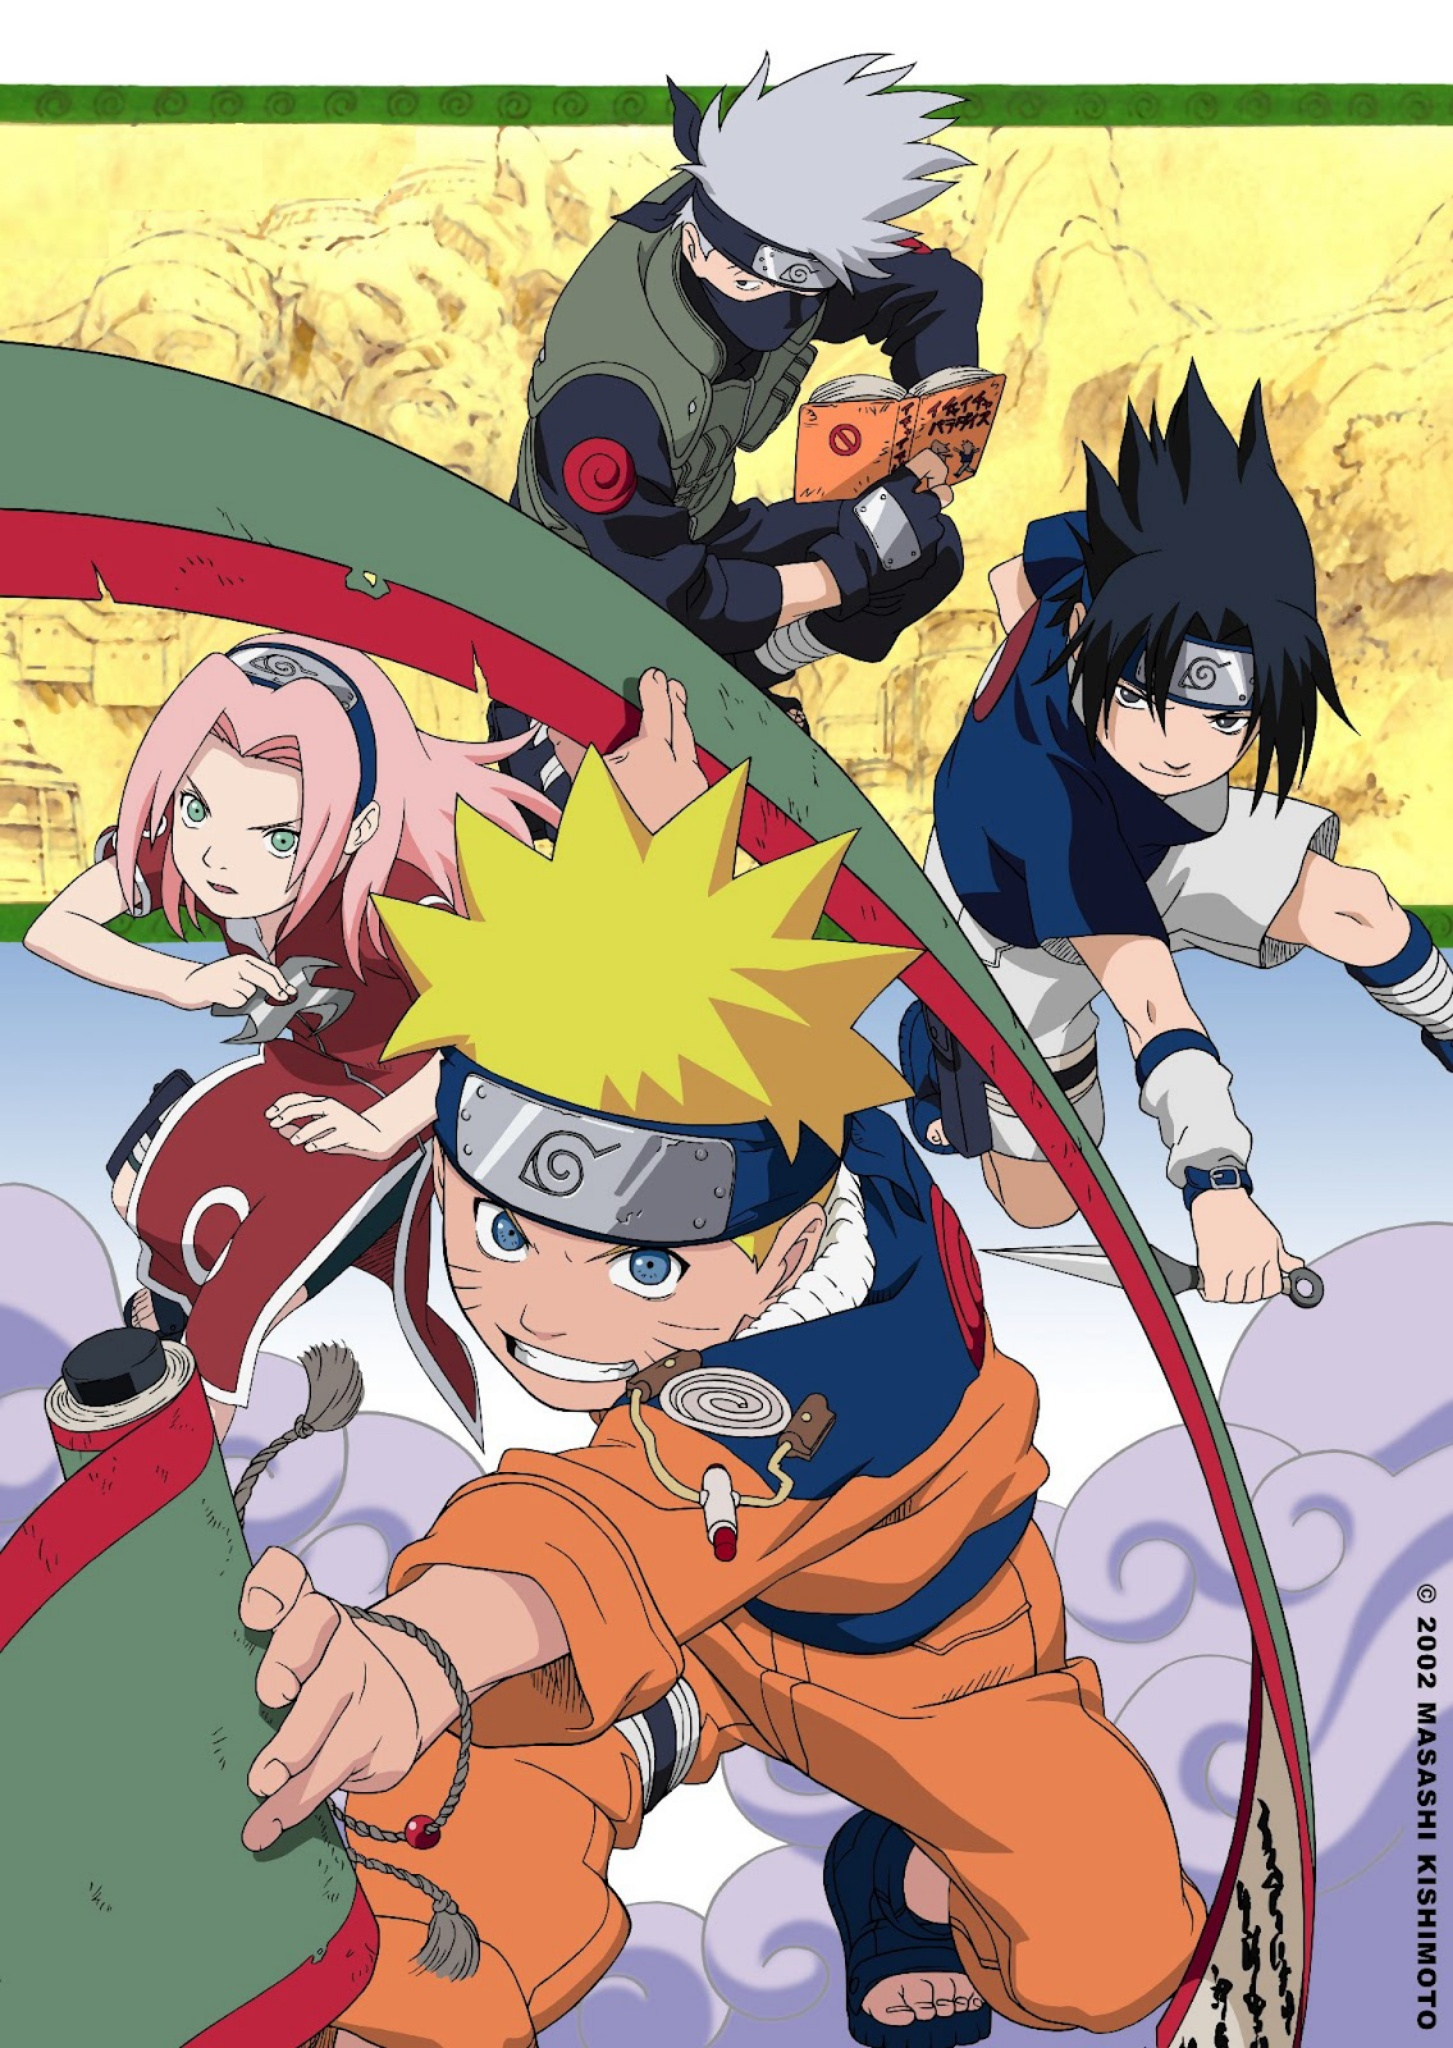 Naruto   DVDrip   Lat/Ing/Jap+Sub  30/220  MKV-960p   x264 Naruto